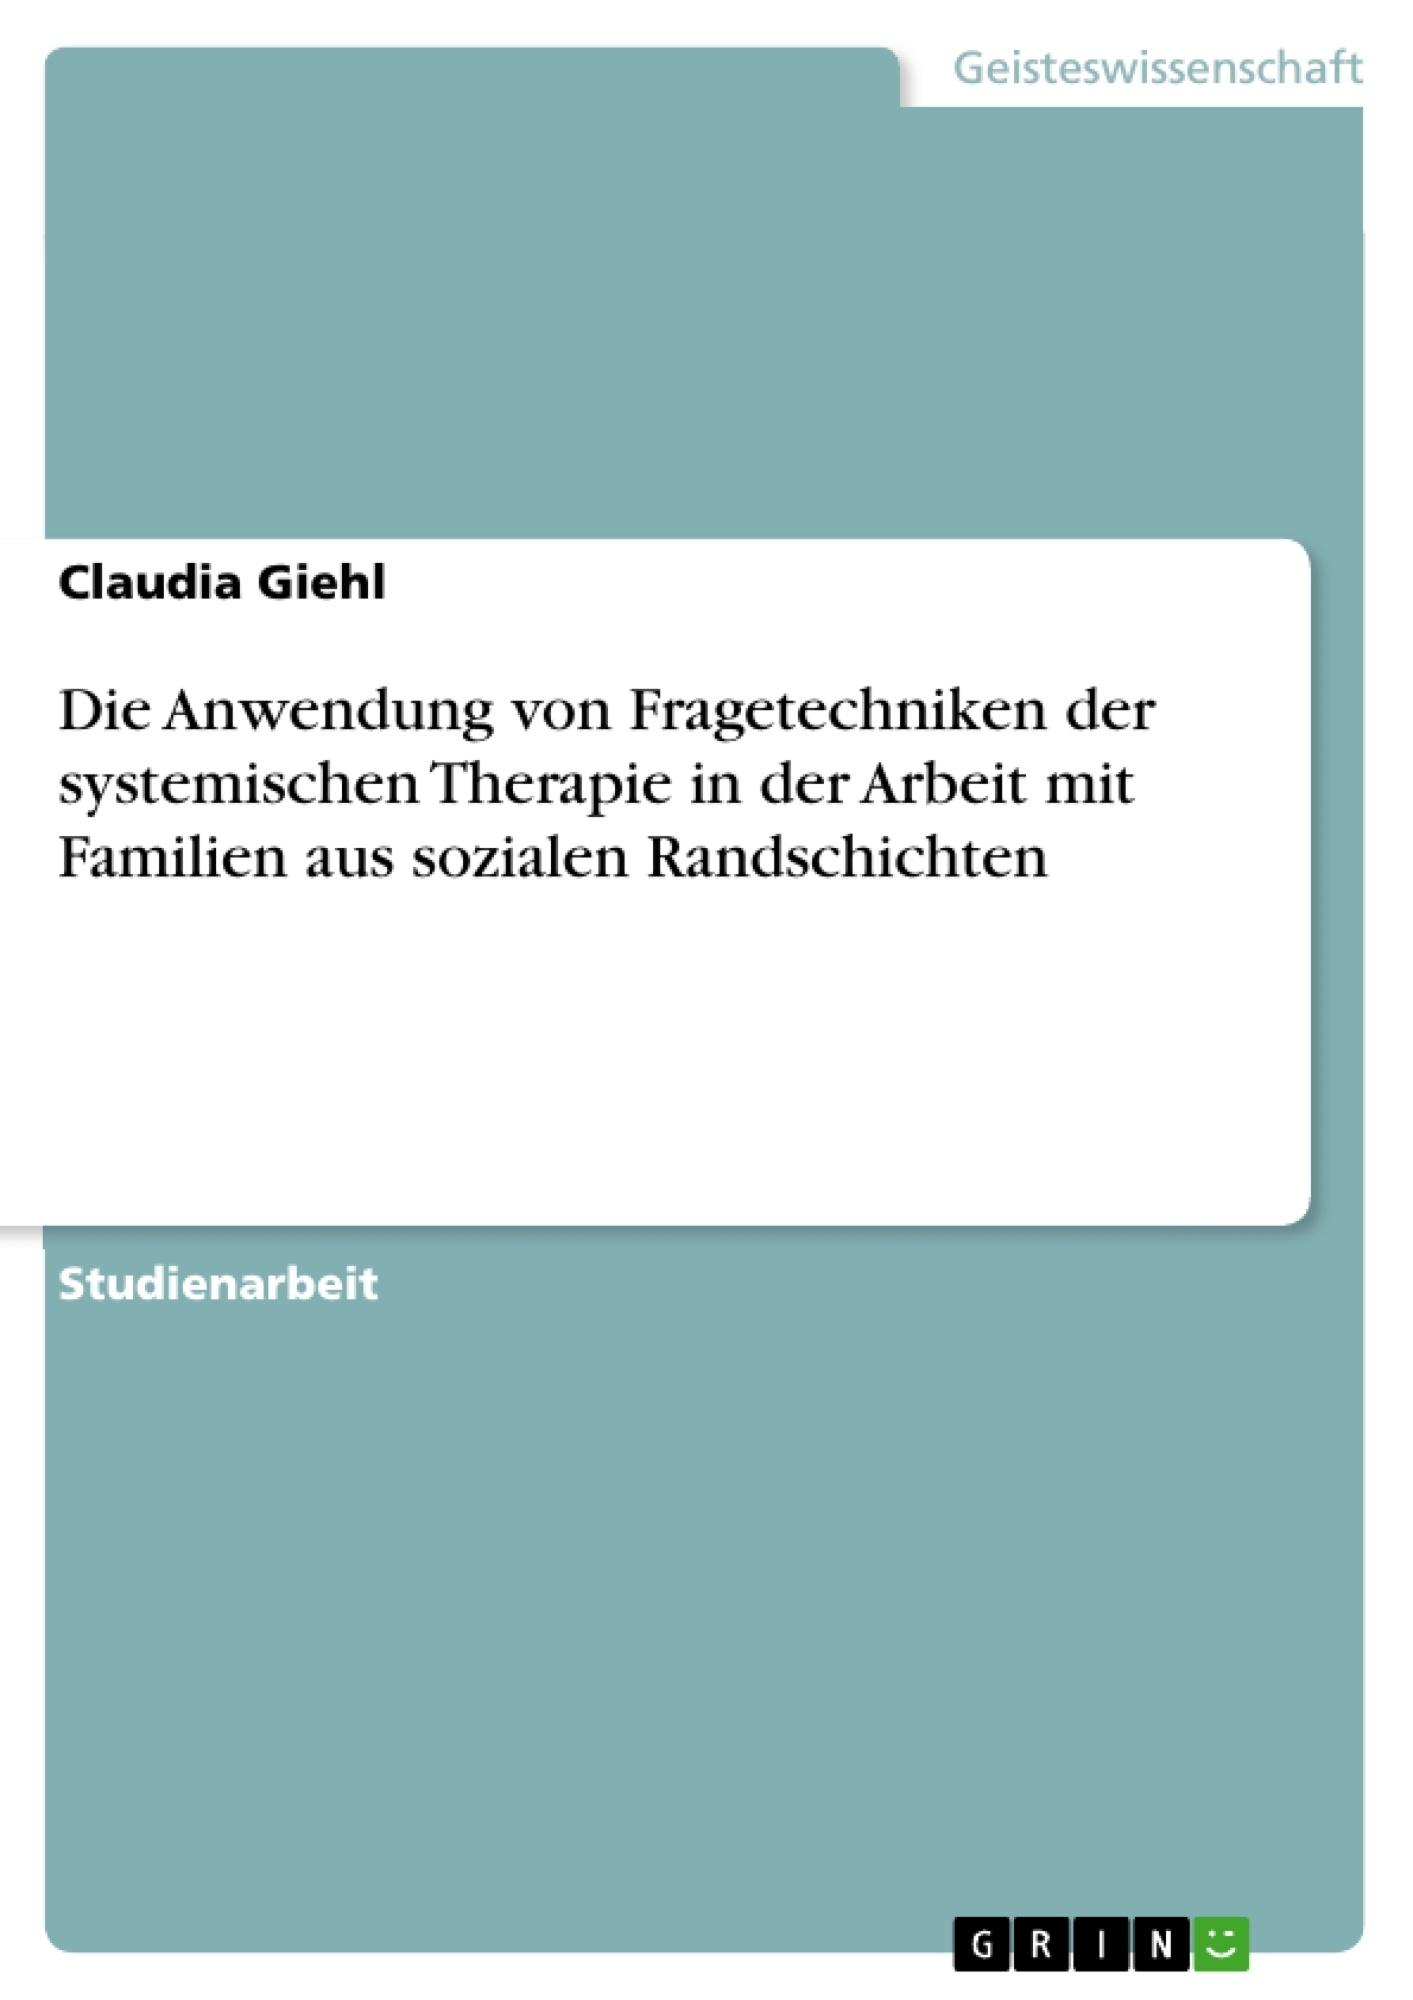 Titel: Die Anwendung von Fragetechniken der systemischen Therapie in der Arbeit mit Familien aus sozialen Randschichten